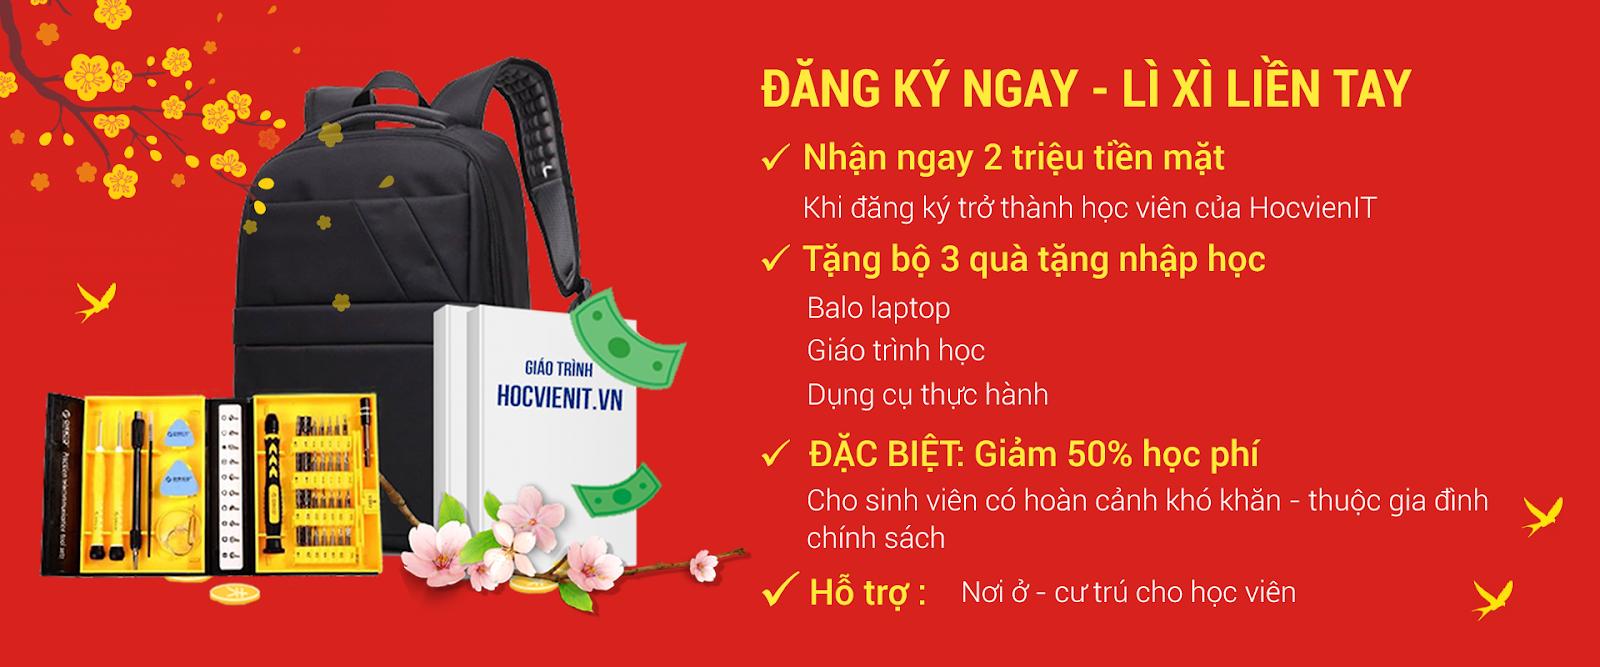 tai-lieu-hoc-sua-chua-may-tinh-2